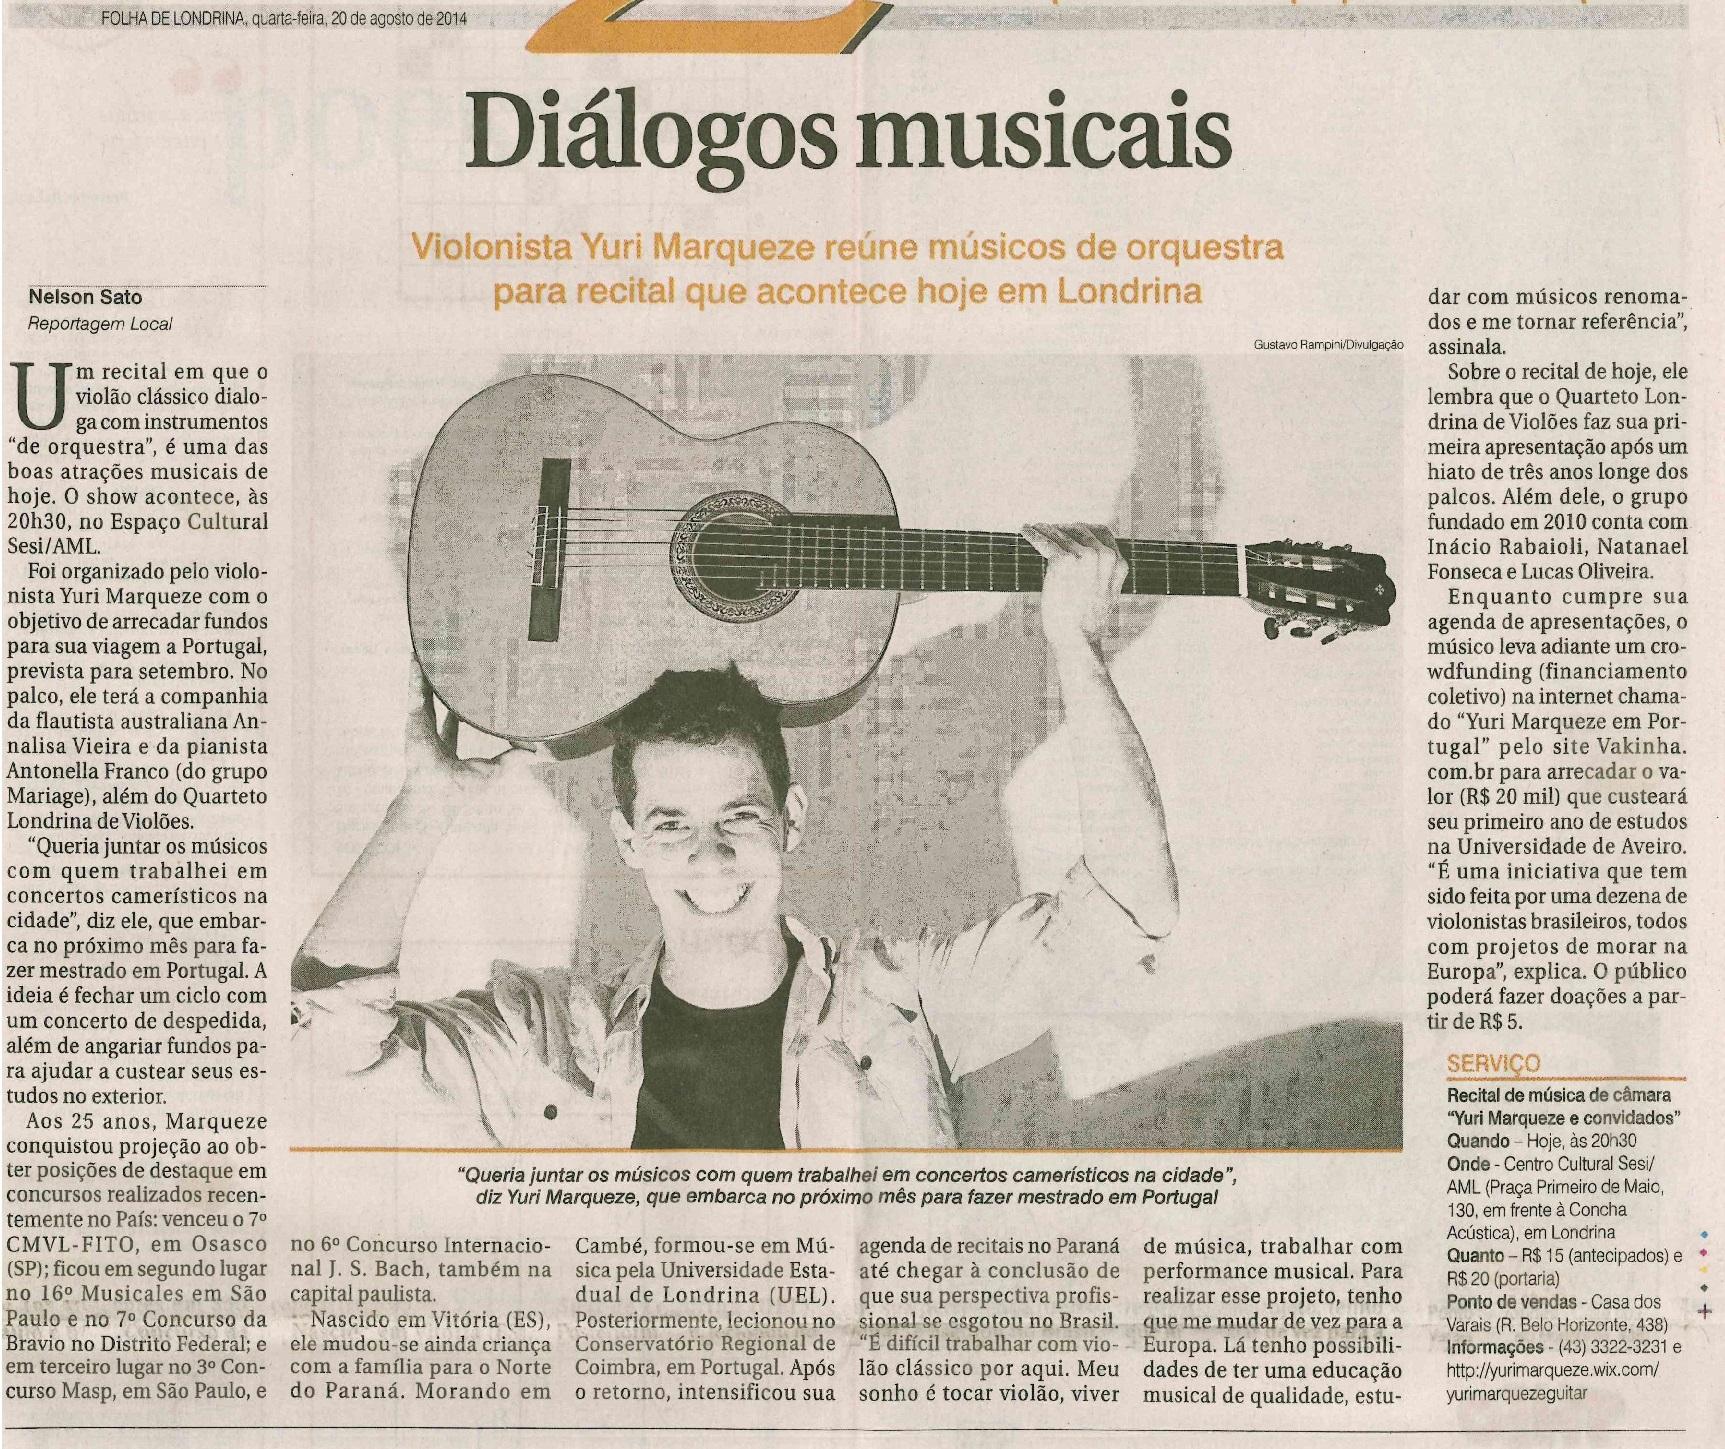 Folha de Londrina 20-08-14